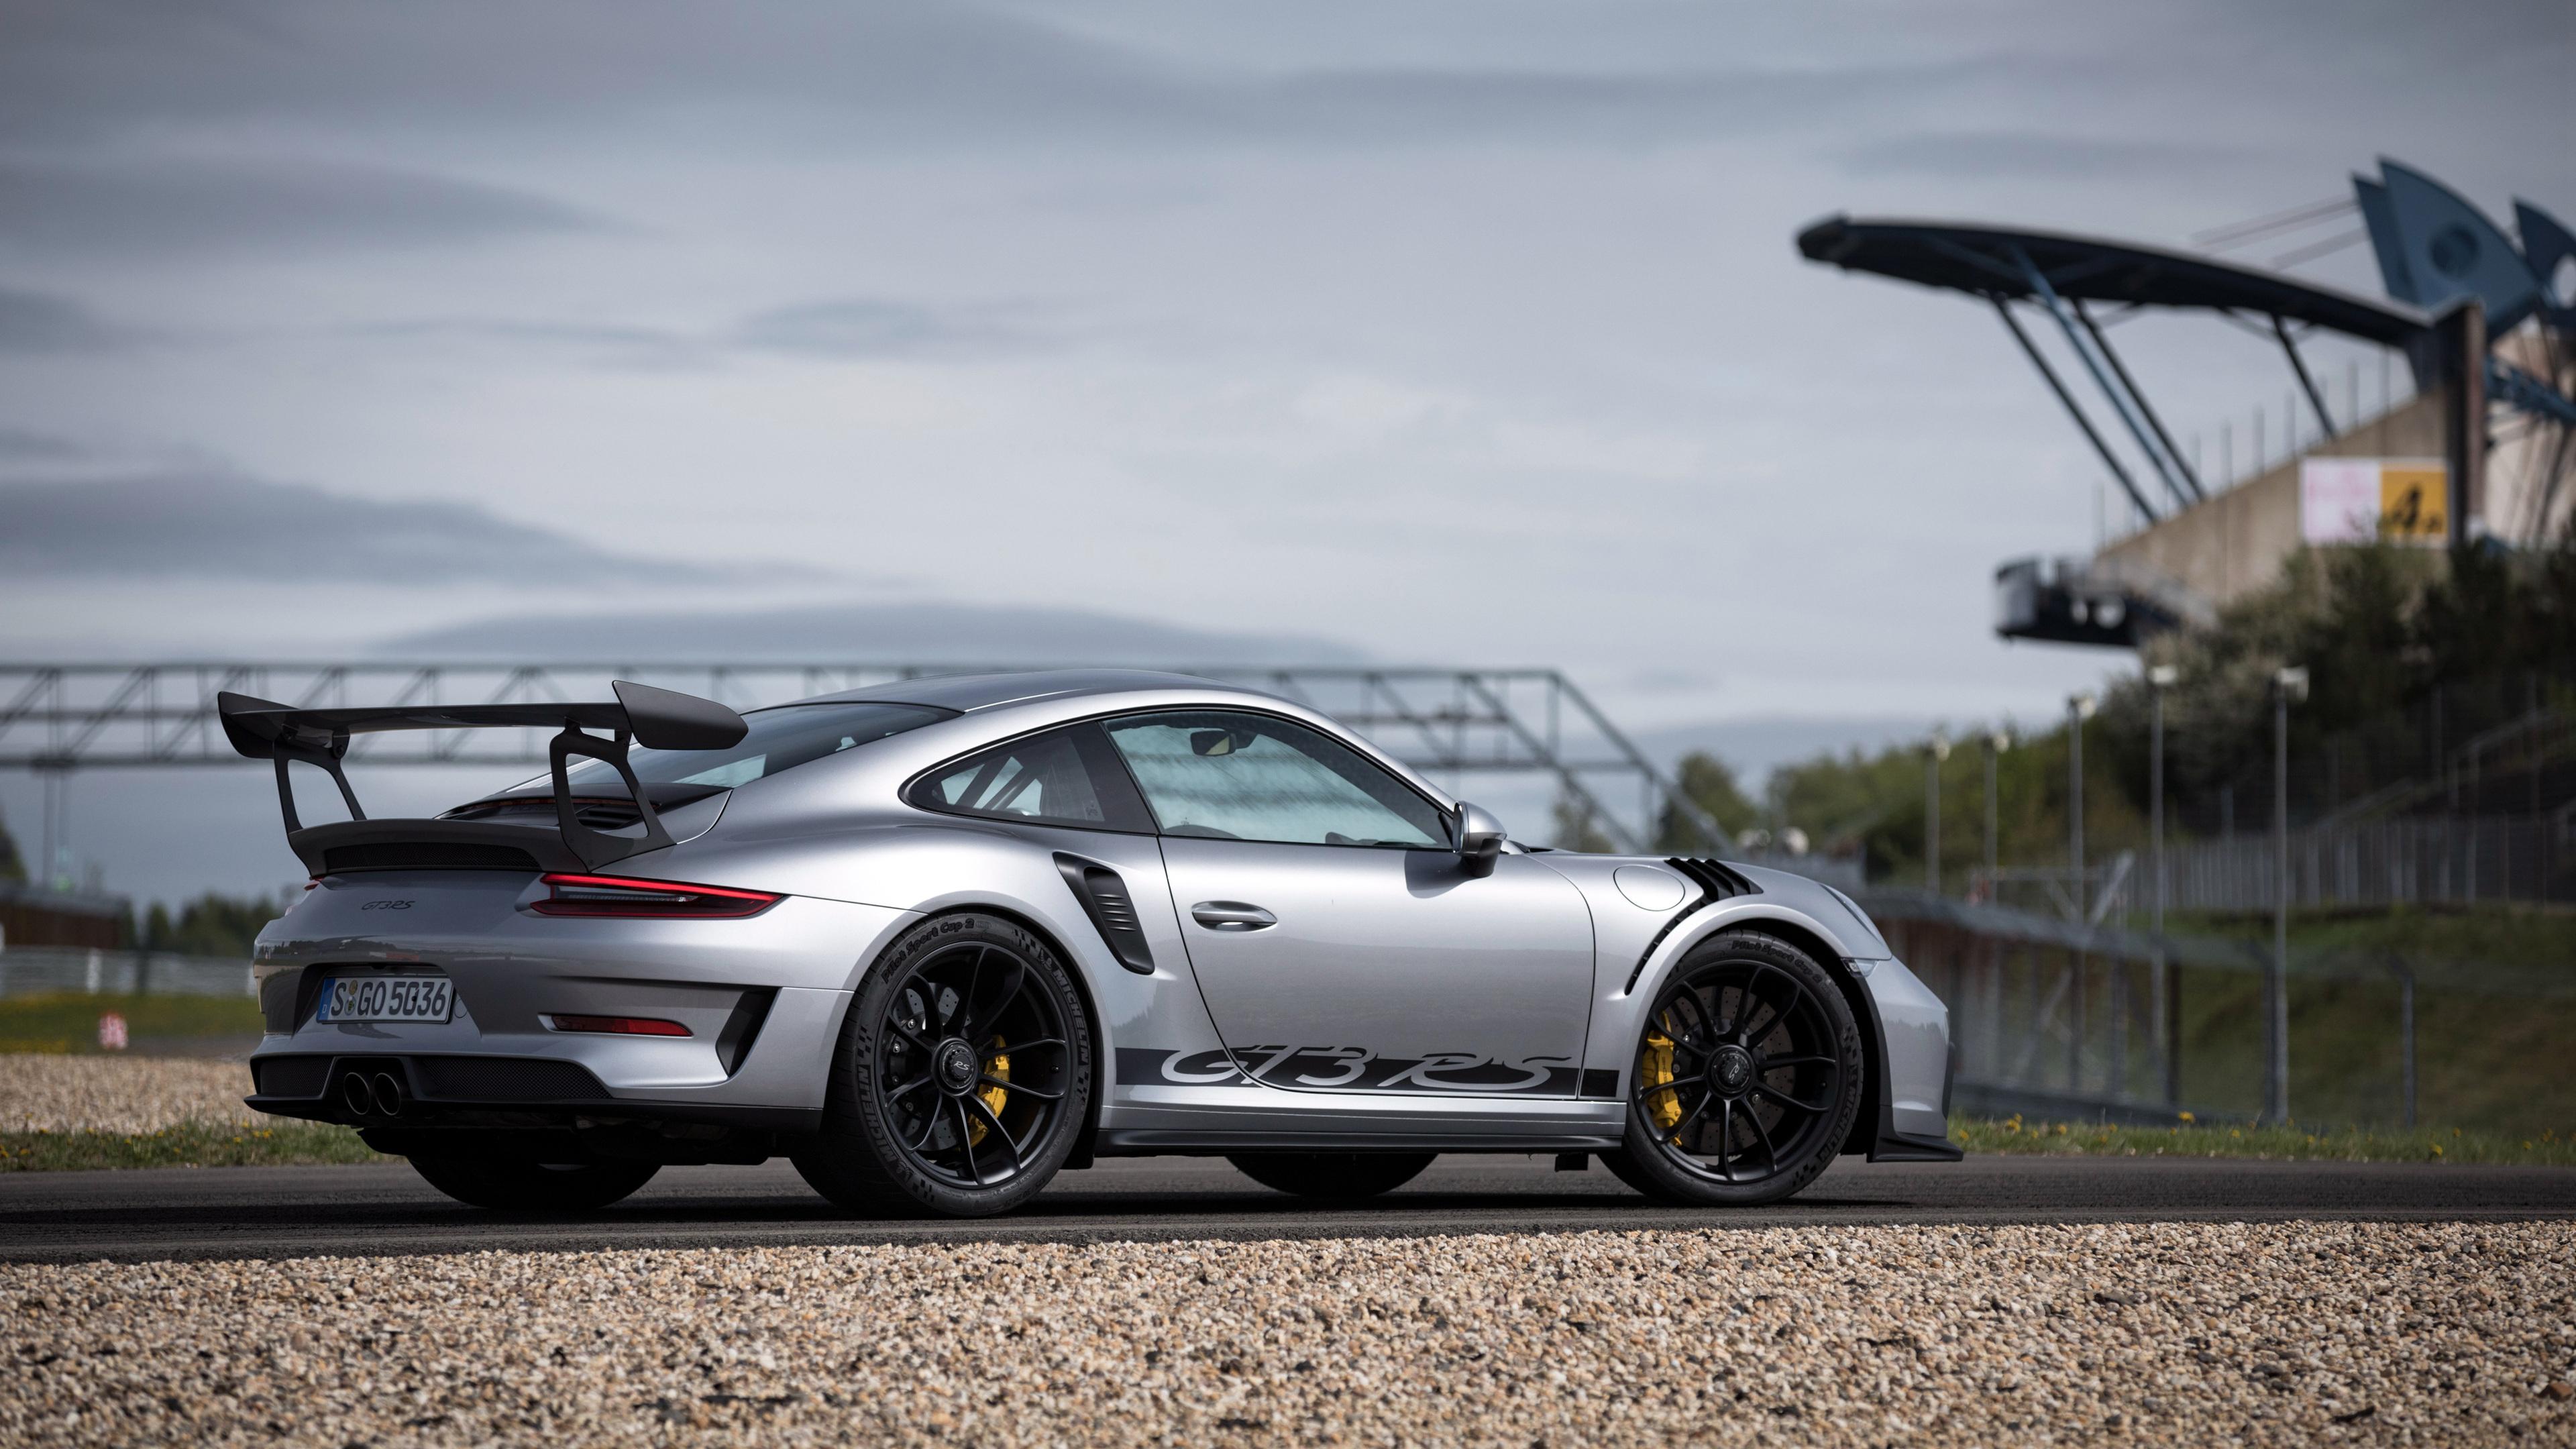 3840x2160 4k Porsche 911 GT3 RS 4k HD 4k Wallpapers ...